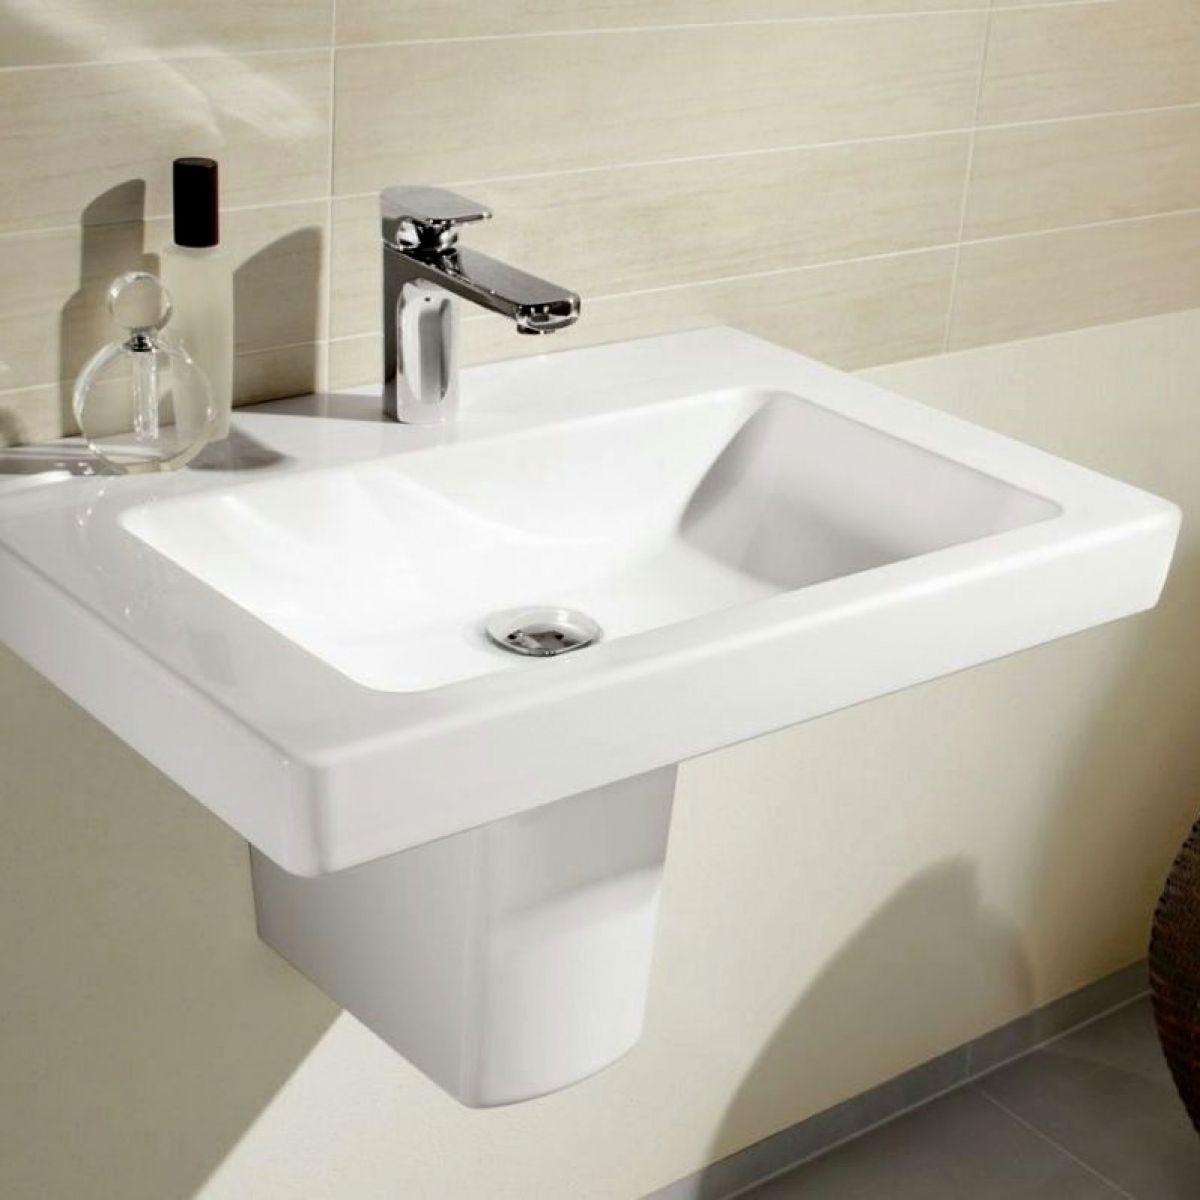 v b subway 2 0 handwash basin uk bathrooms. Black Bedroom Furniture Sets. Home Design Ideas